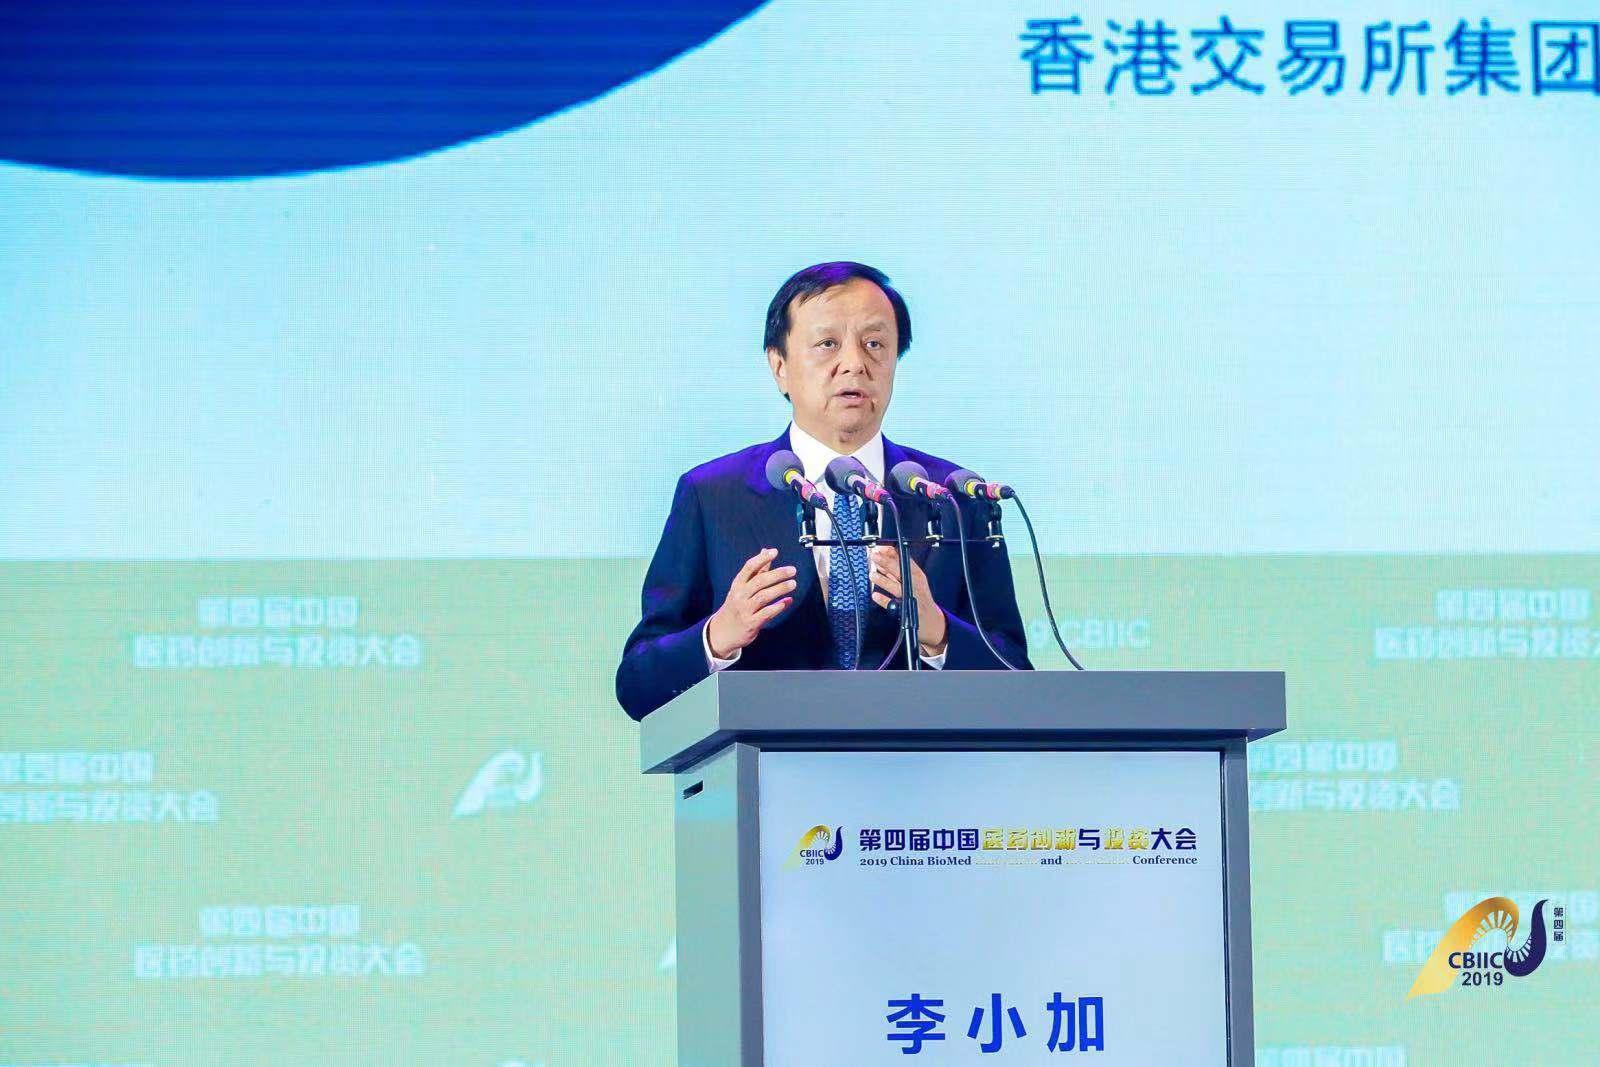 李小加:港交所推動資本前移服務生物科技,科創板提供新選擇